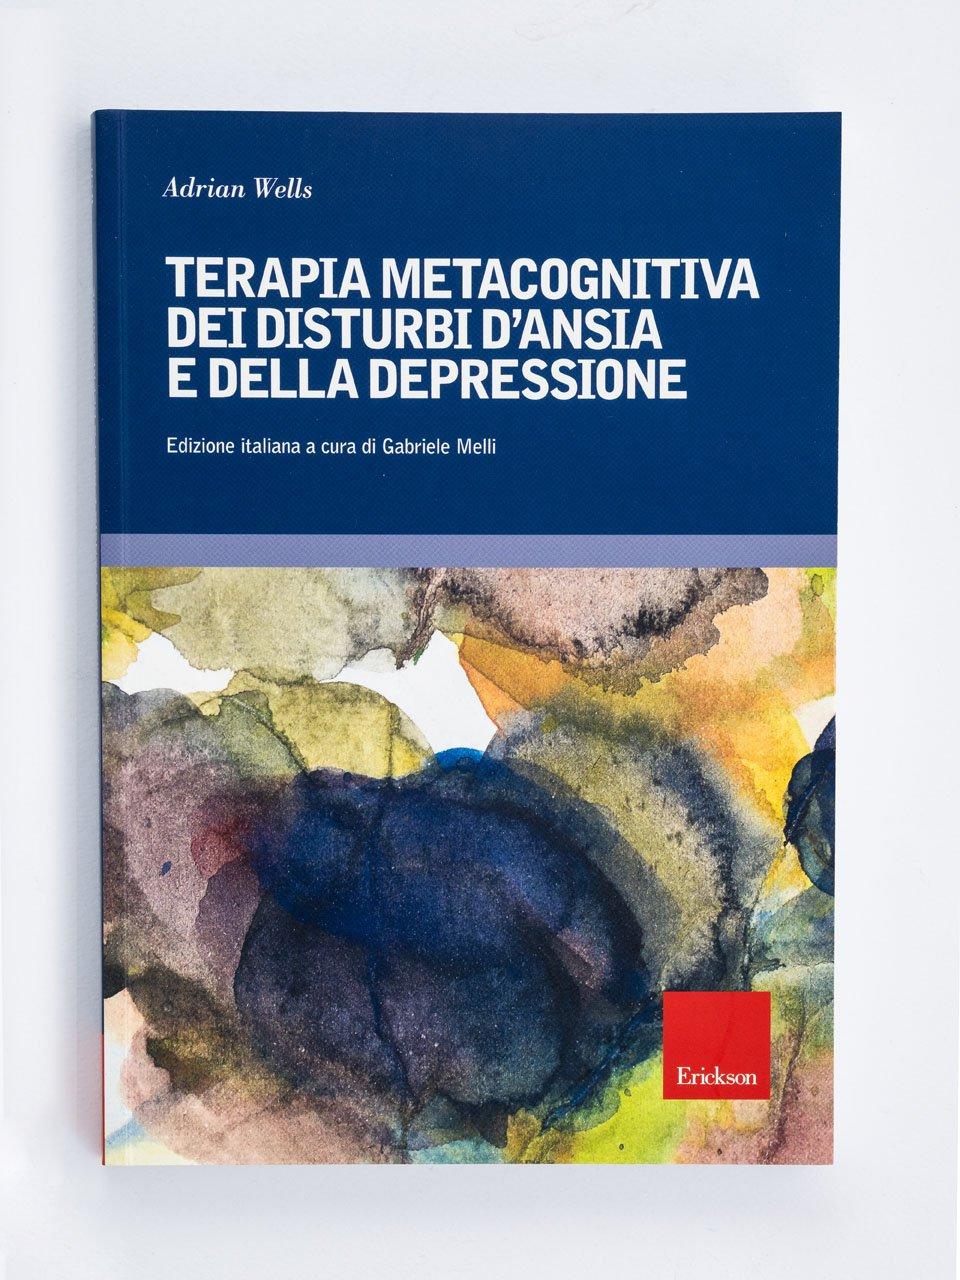 Terapia metacognitiva dei disturbi d'ansia e della depressione - Superare la depressione - Libri - Erickson